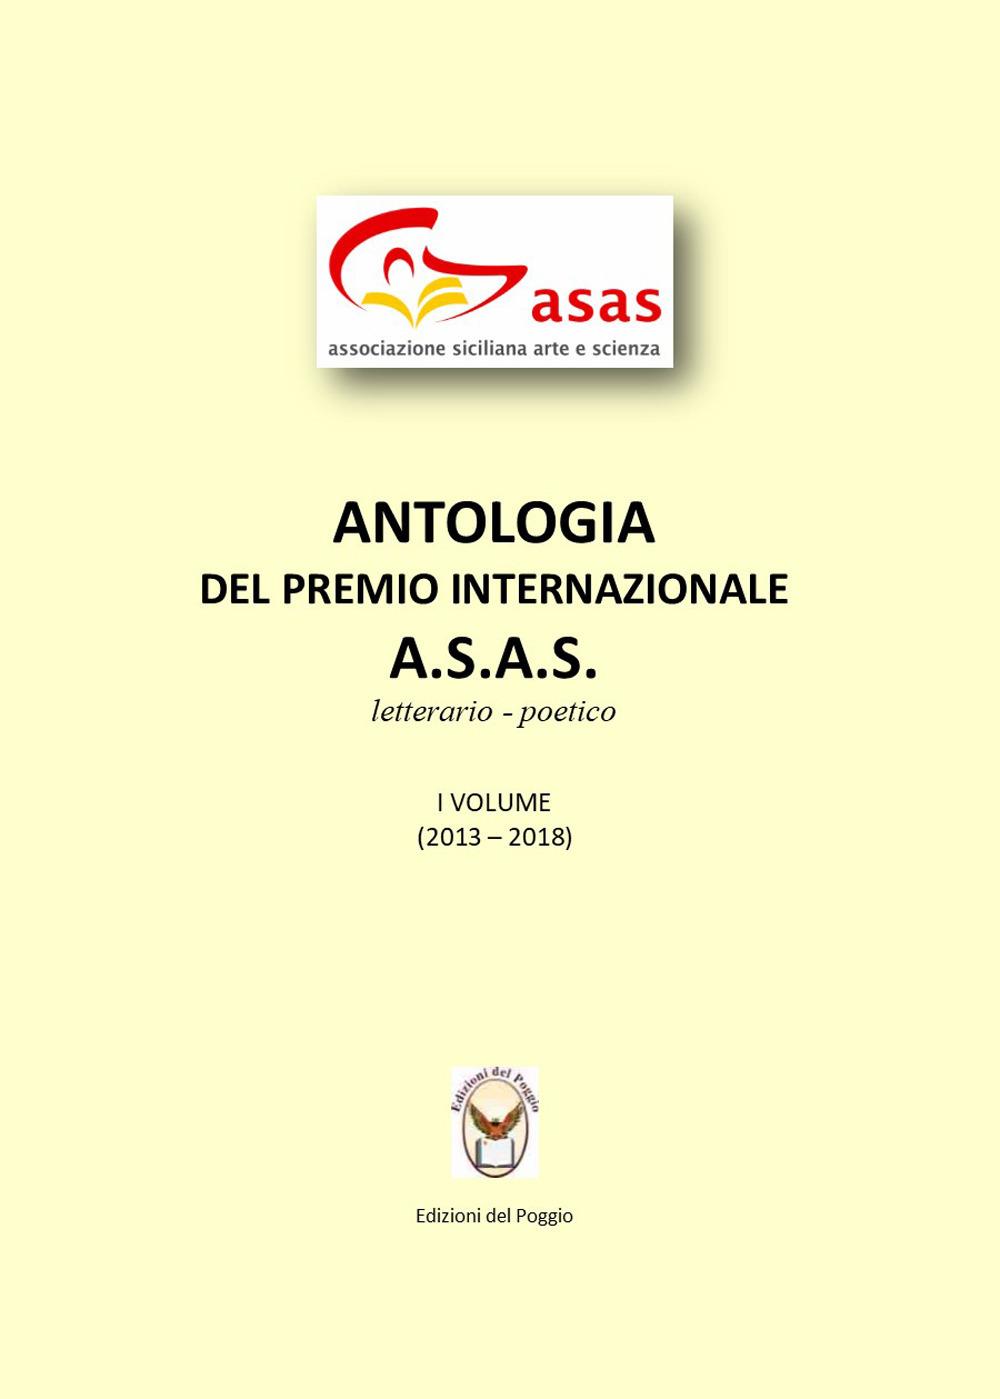 Image of Antologia del Premio letterario A.s.a.s